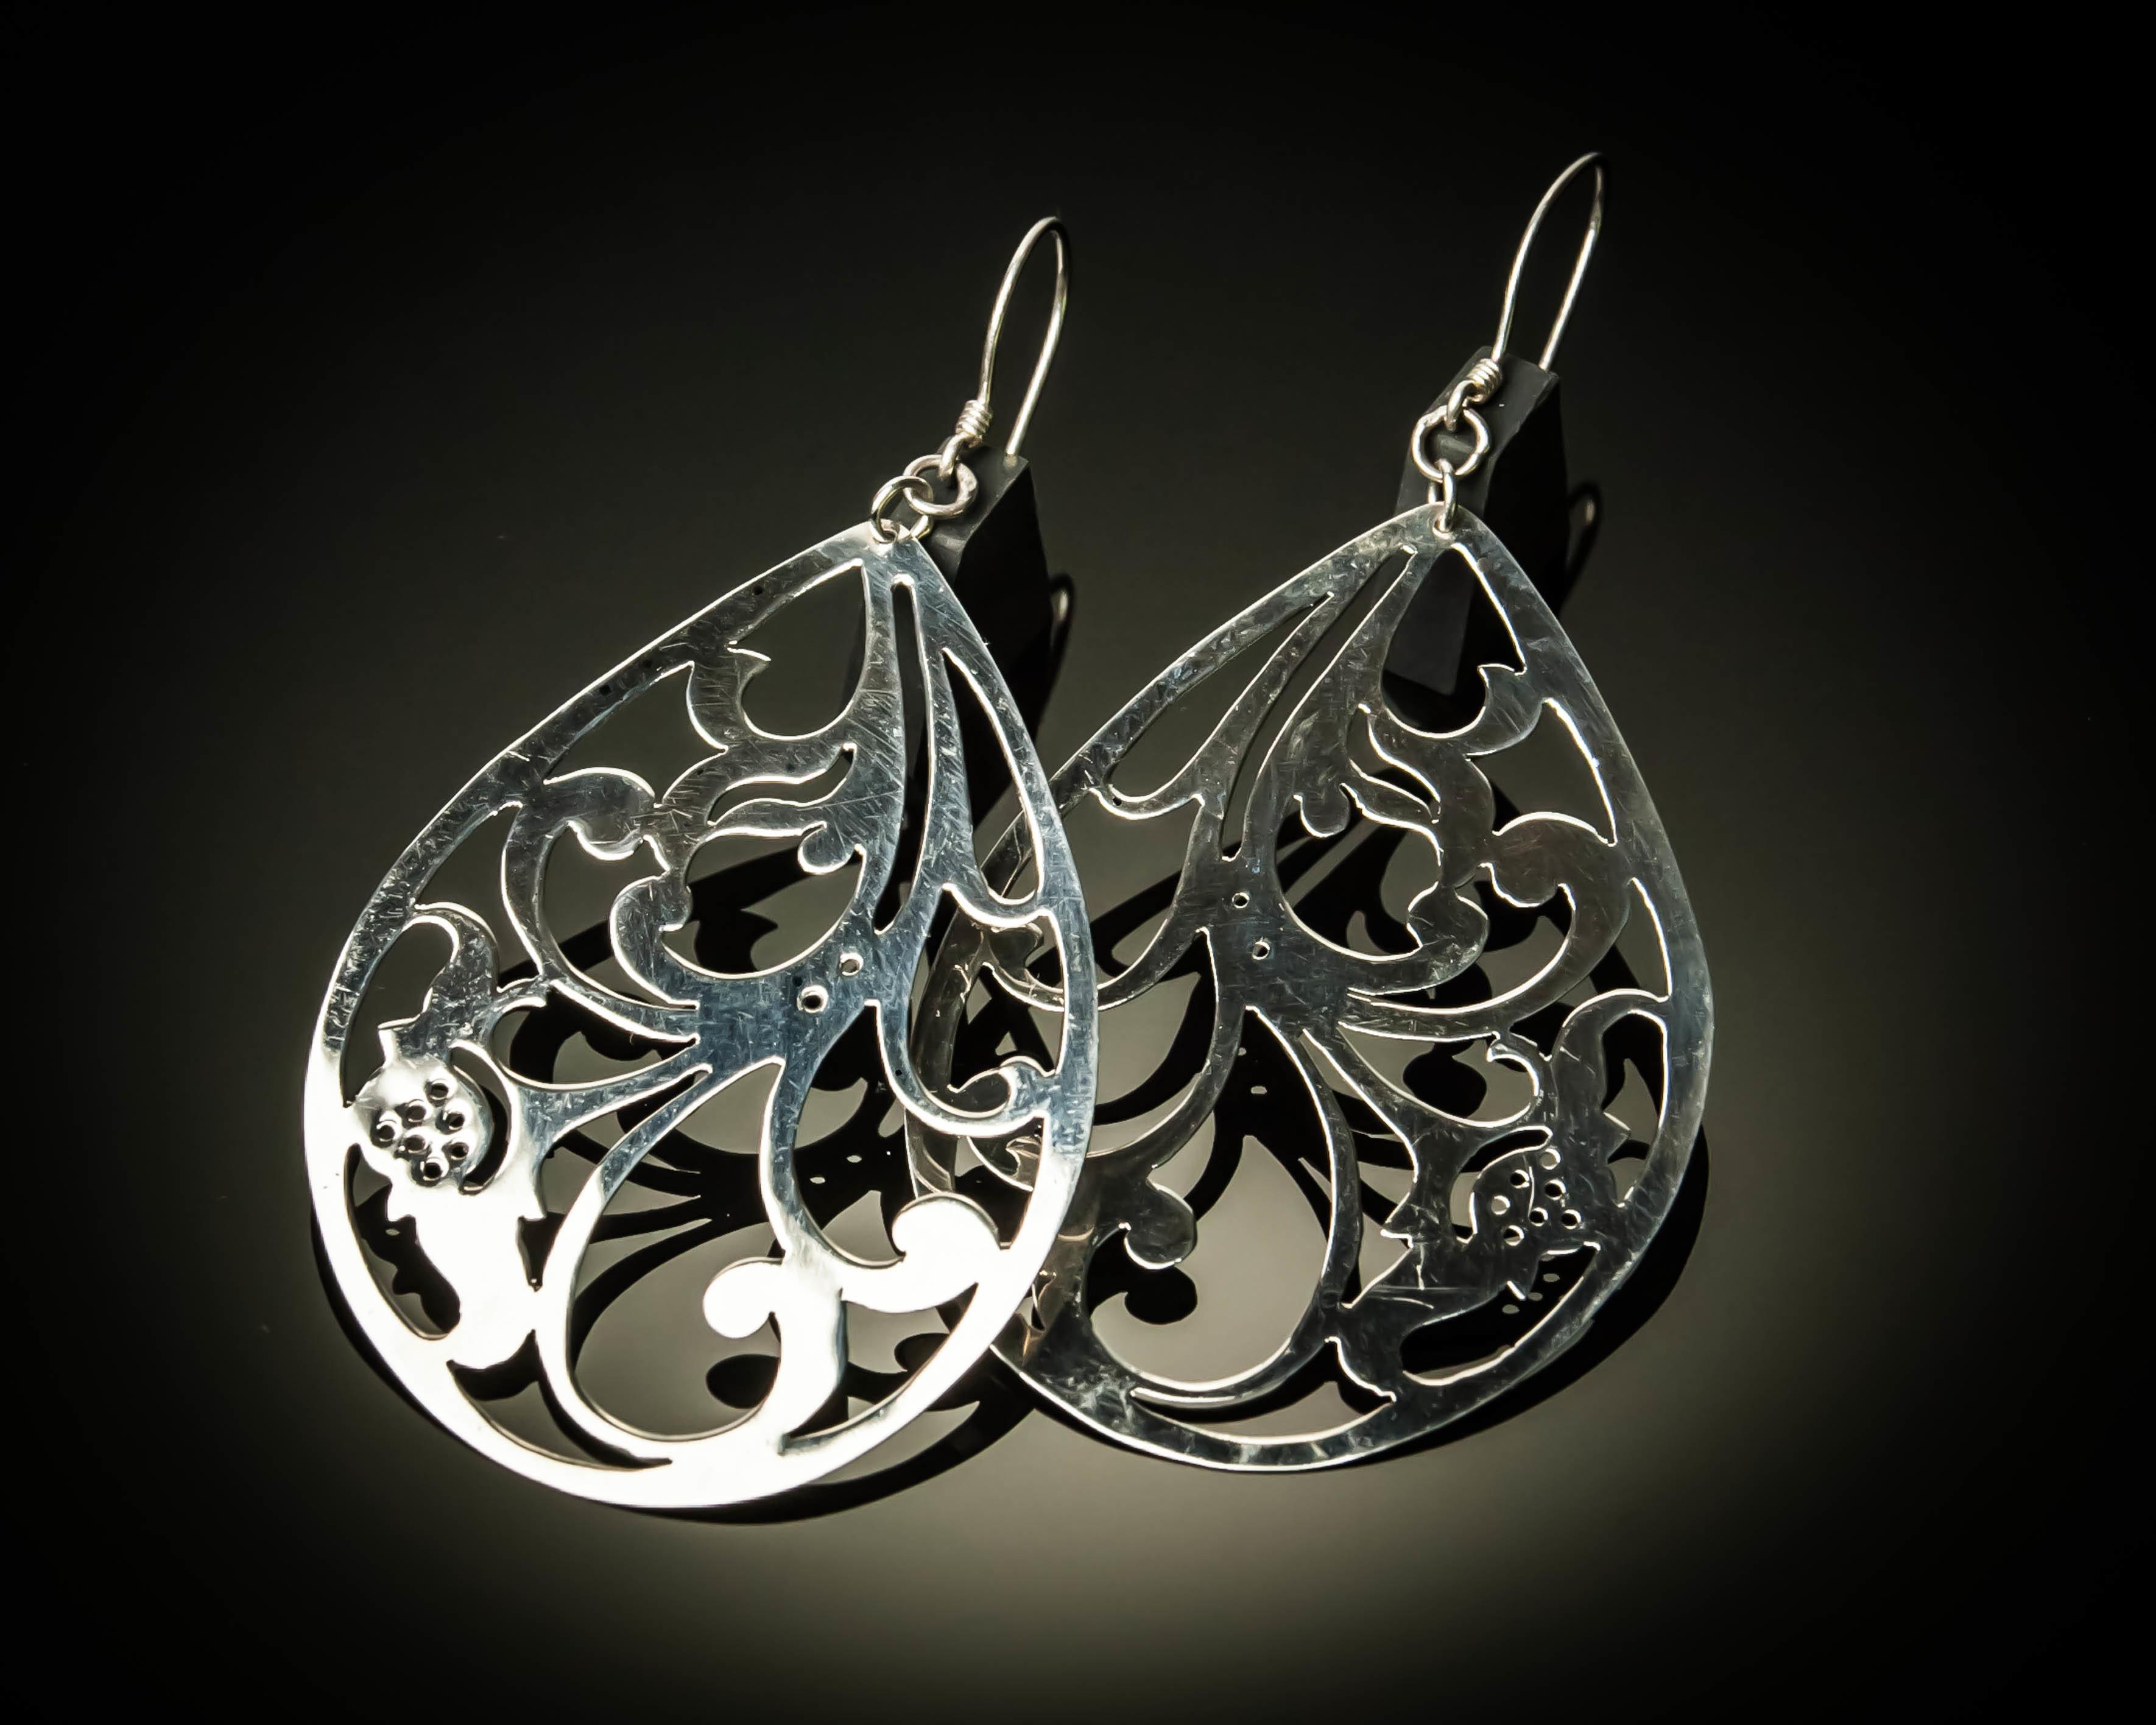 Pear Shape Cutout Sterling Silver Earrings ER-09070